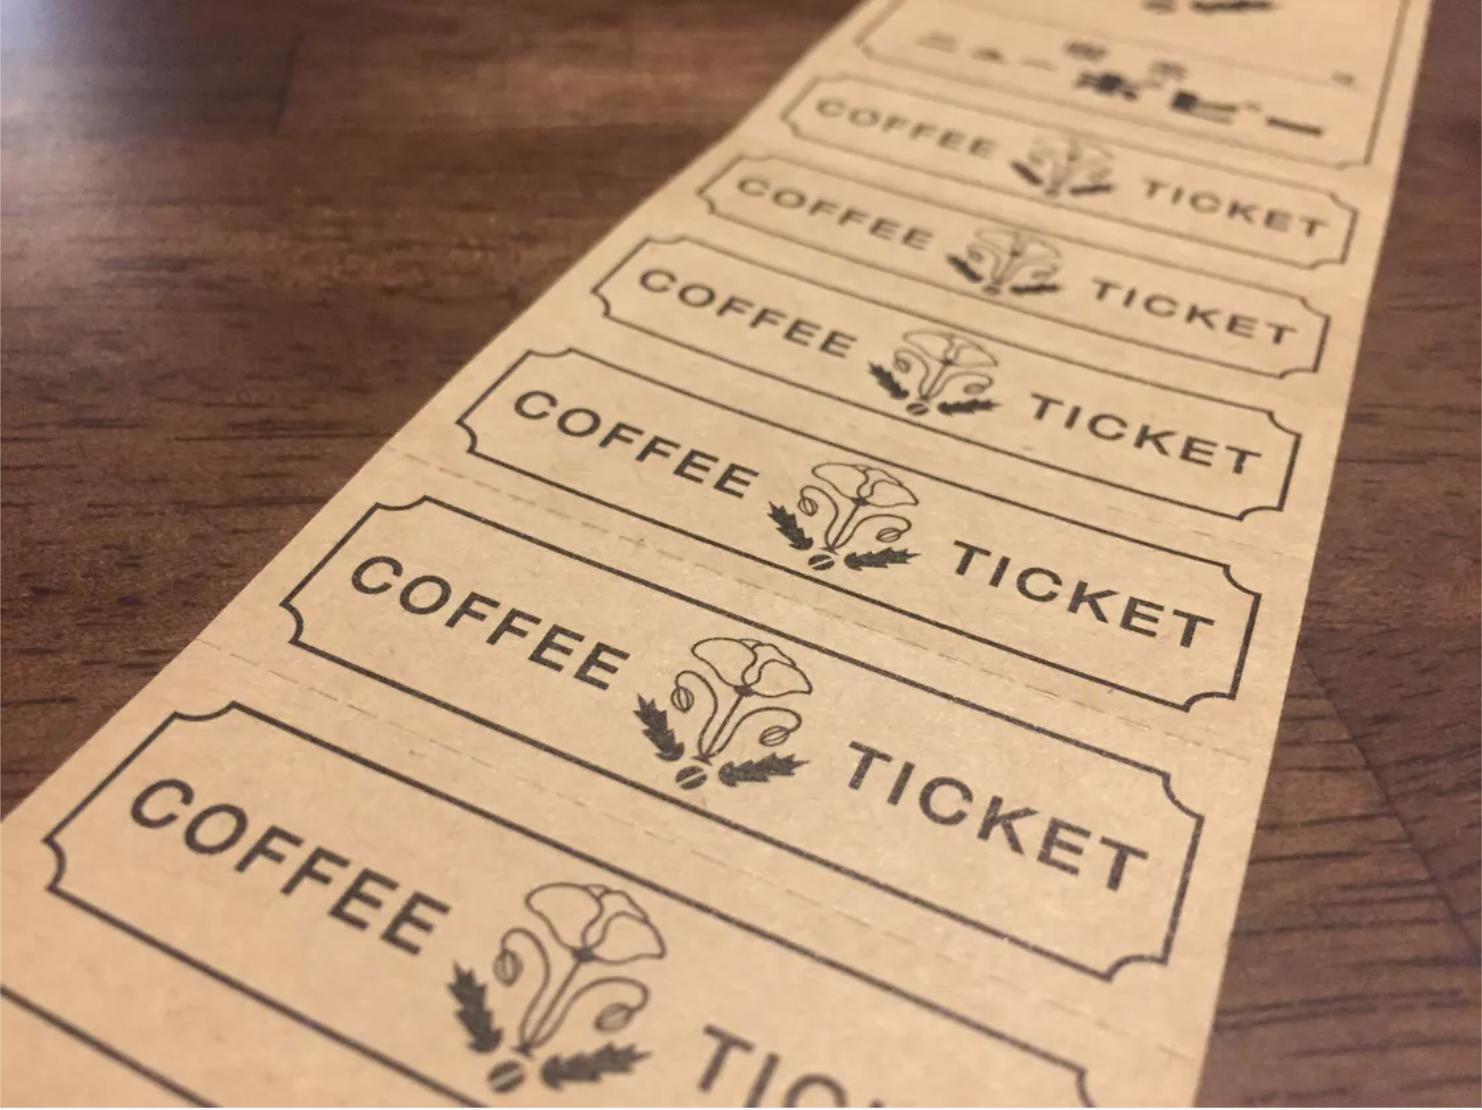 名古屋の喫茶店を応援する「コーヒーチケットプロジェクト」